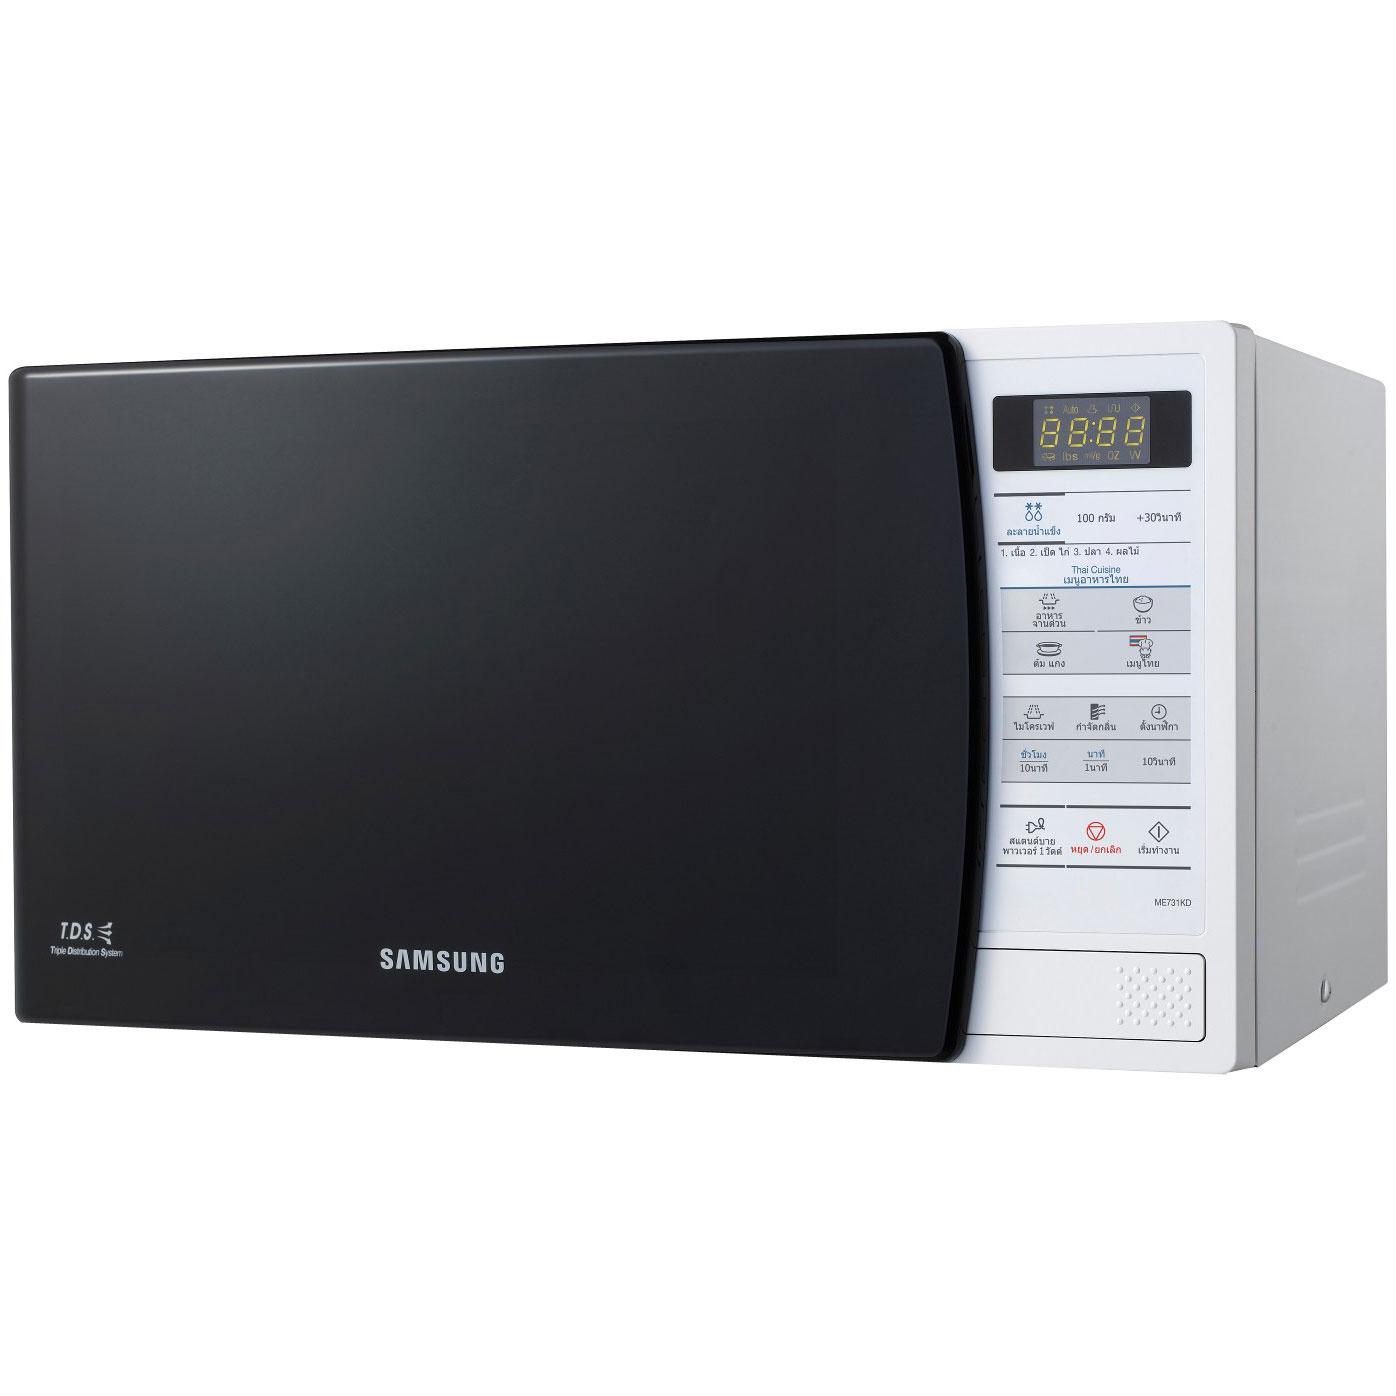 Микроволновая печь с грилем Samsung GE83KRW